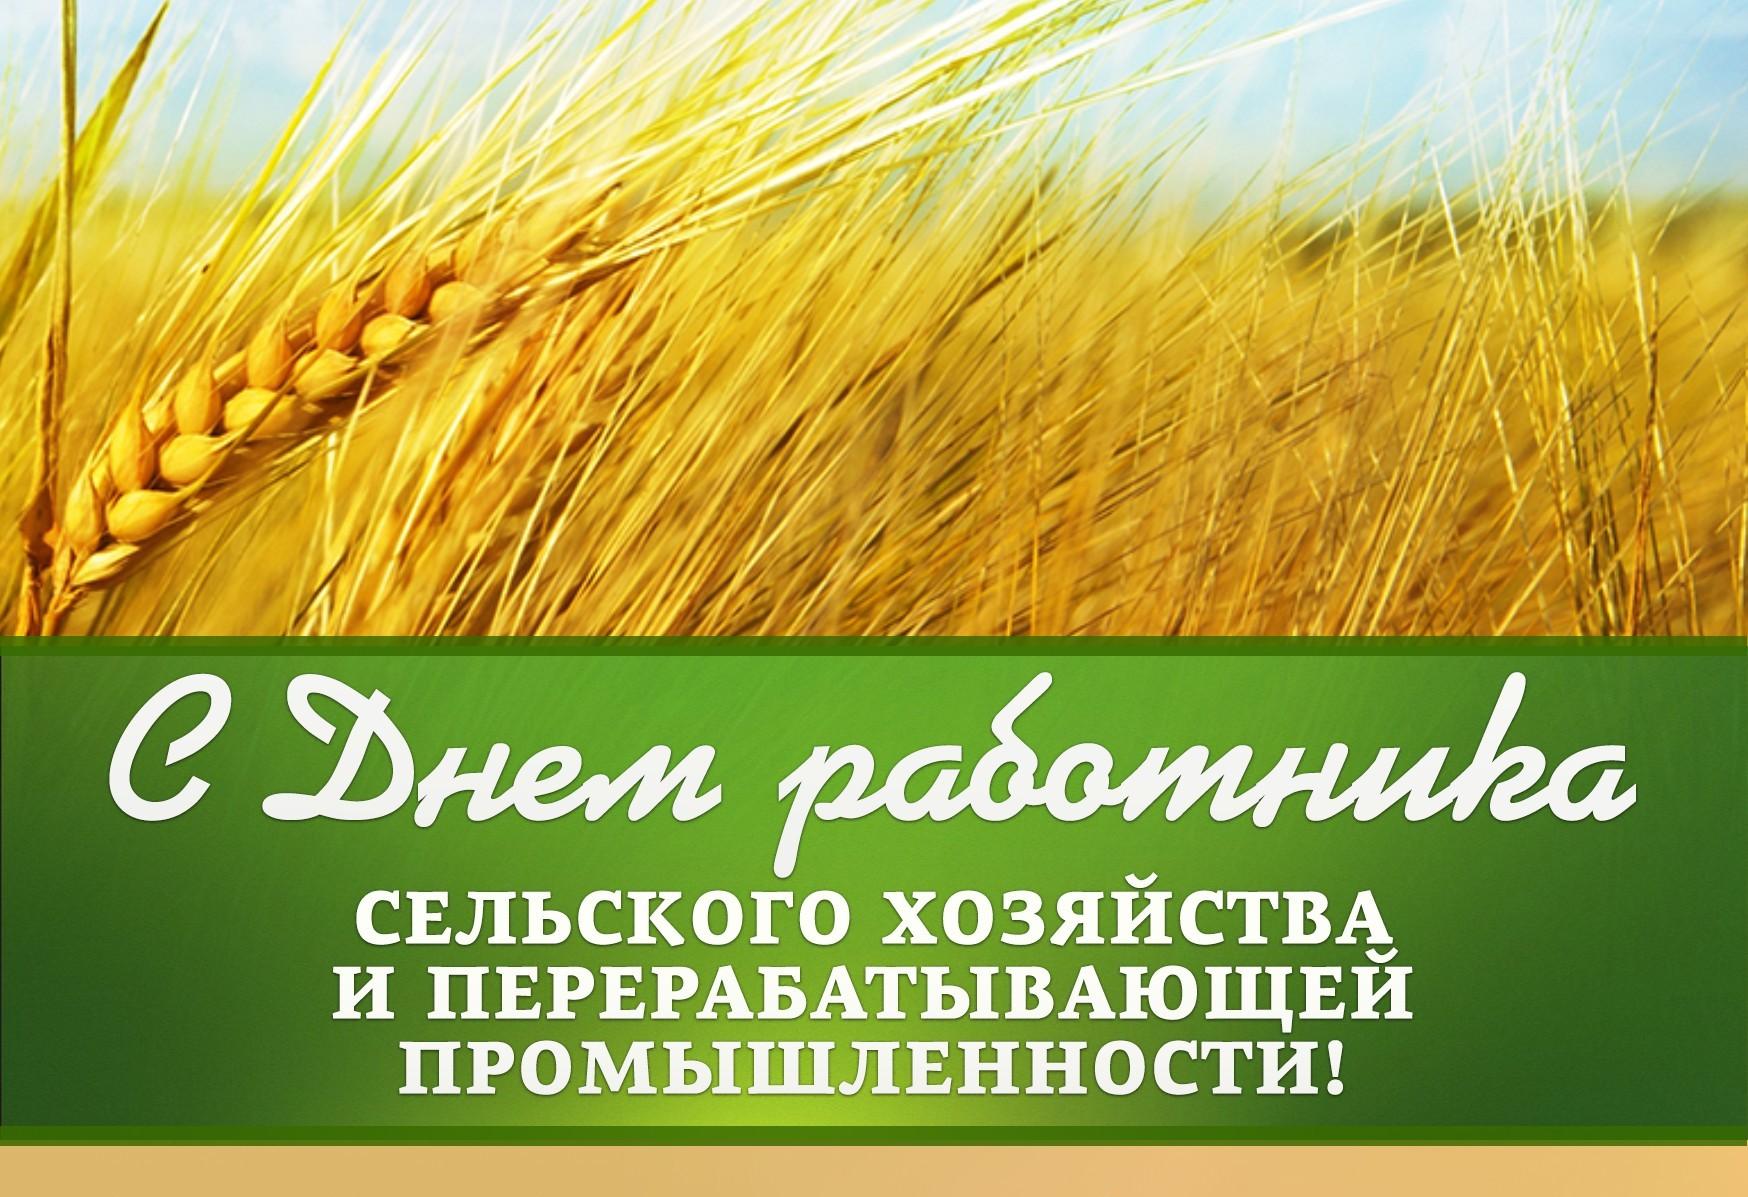 Поздравление главы Волгодонского района С.В. Бурлака с Днем работника сельского хозяйства